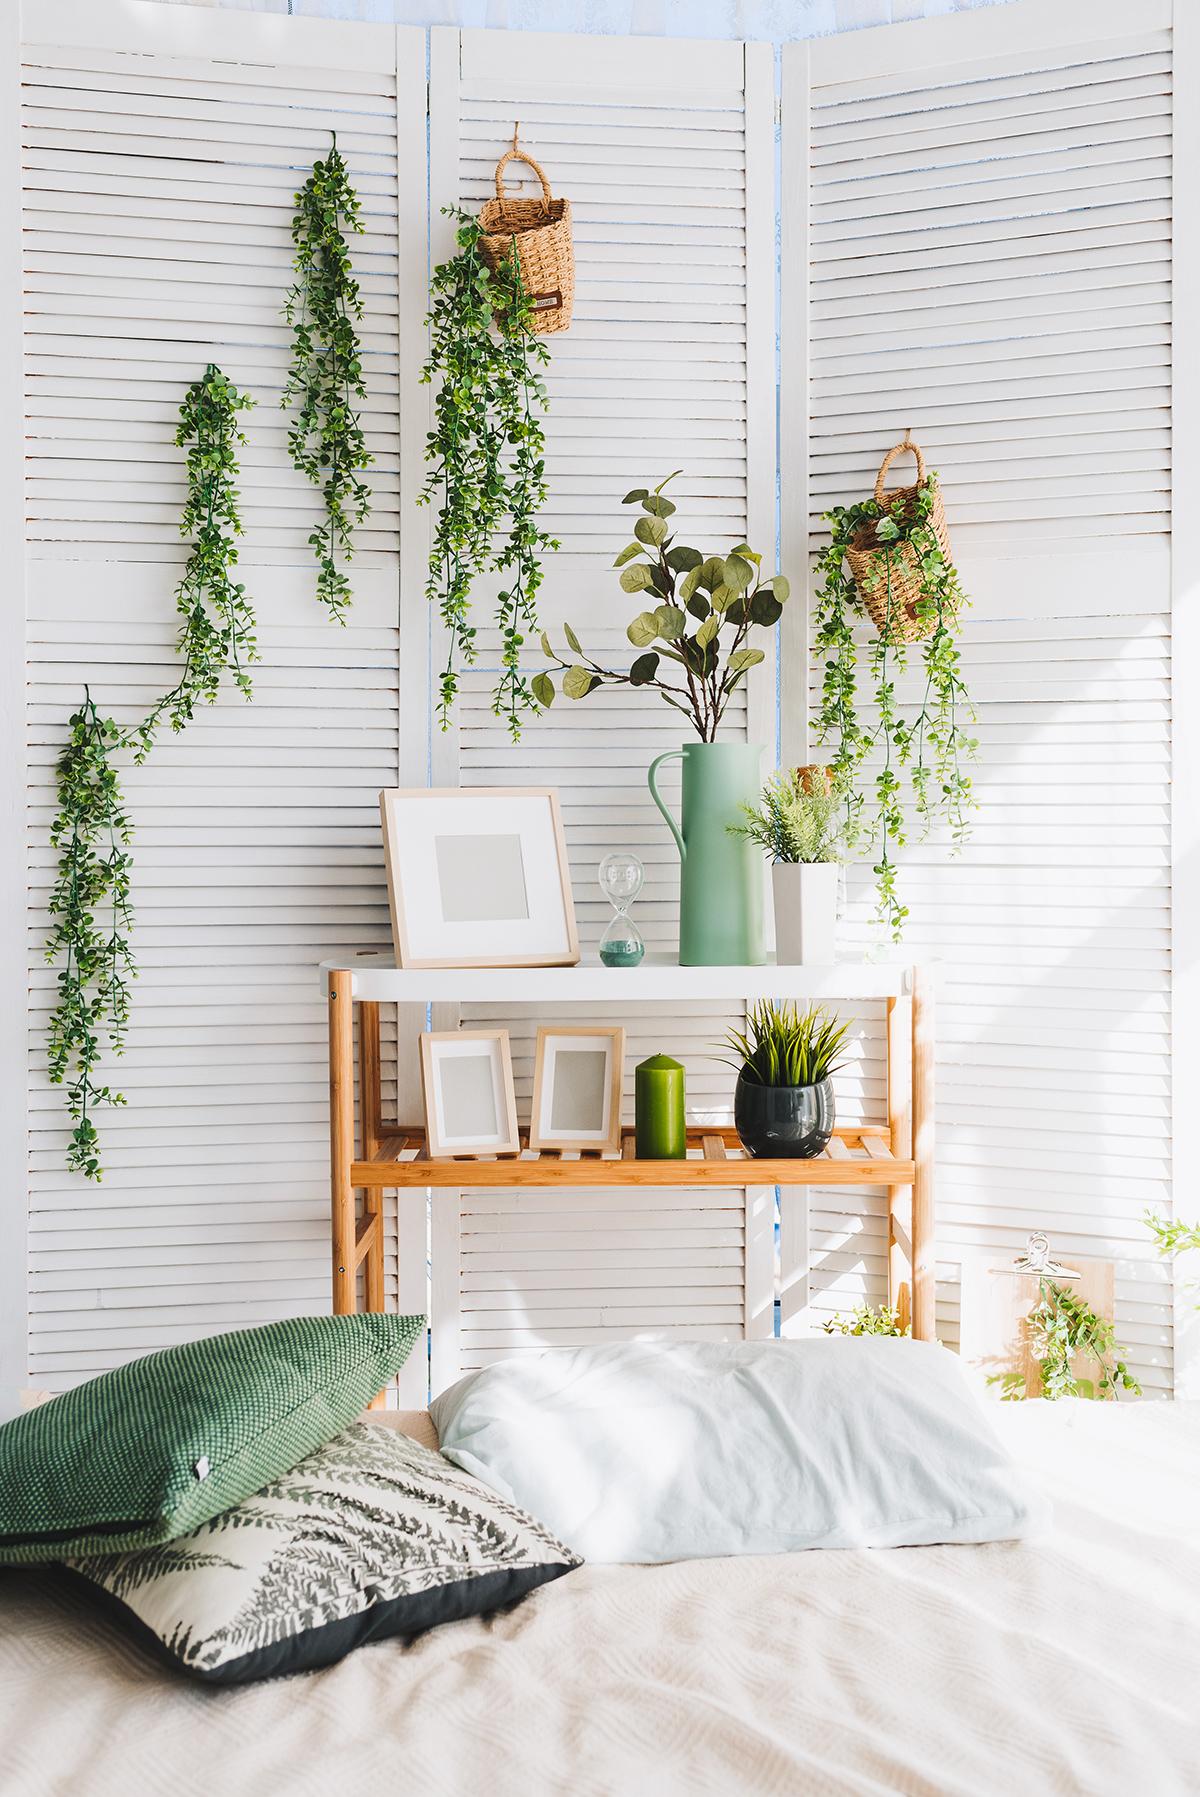 Riutilizzare le vecchie persiane come porta-piante